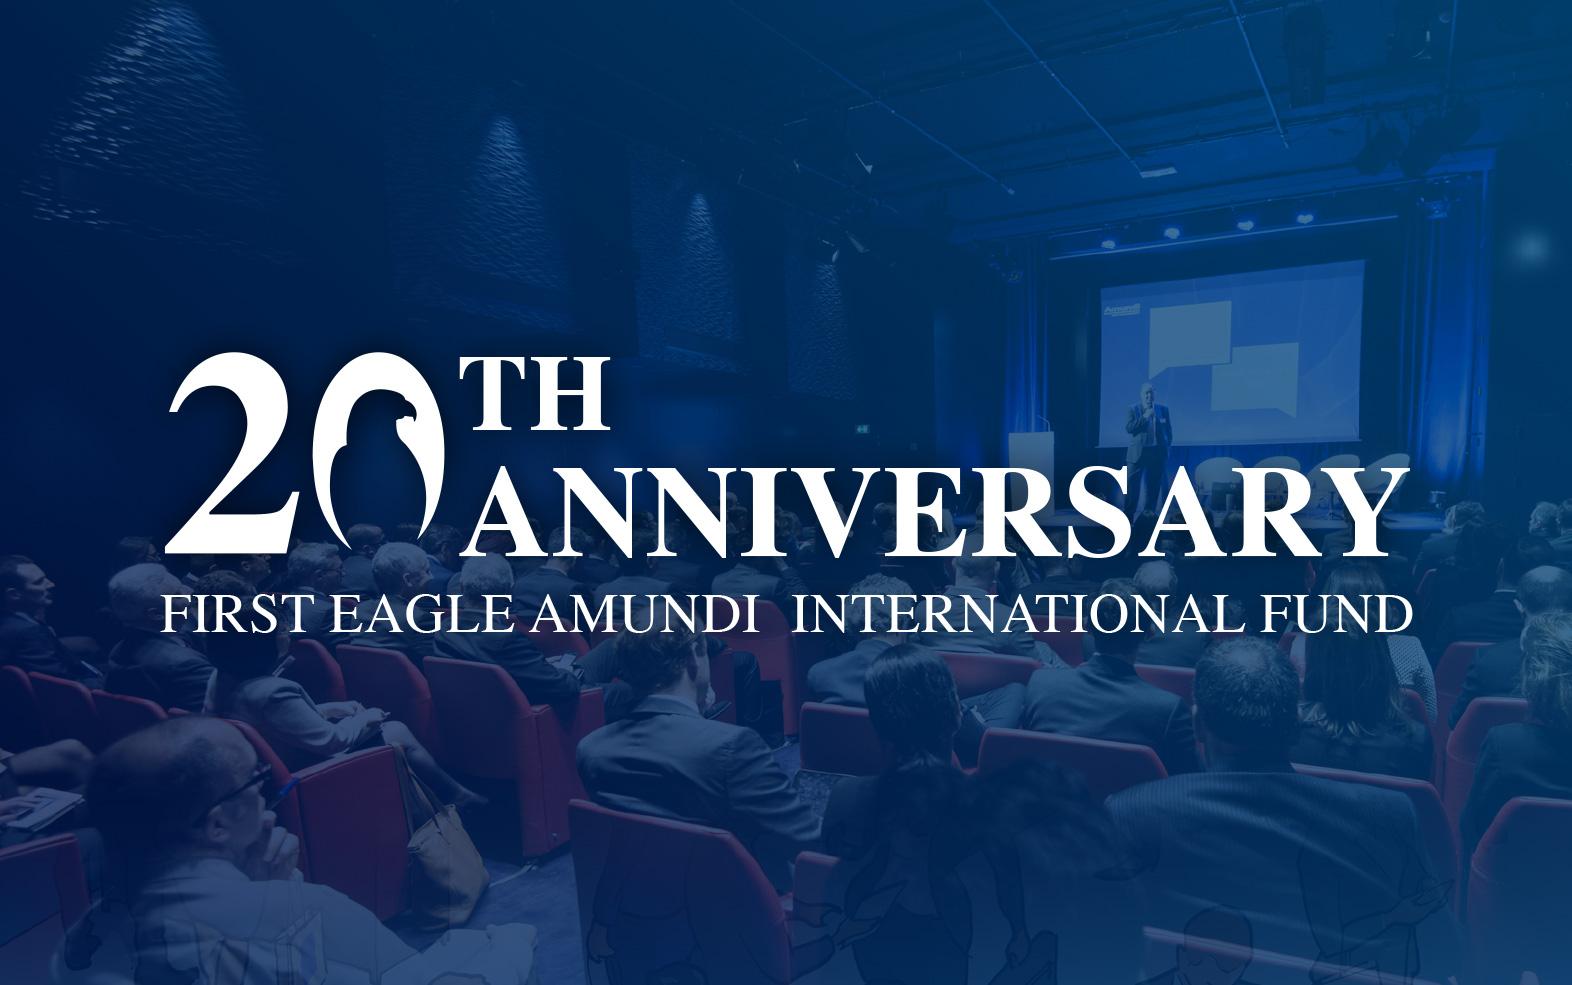 Amundi First Eagle